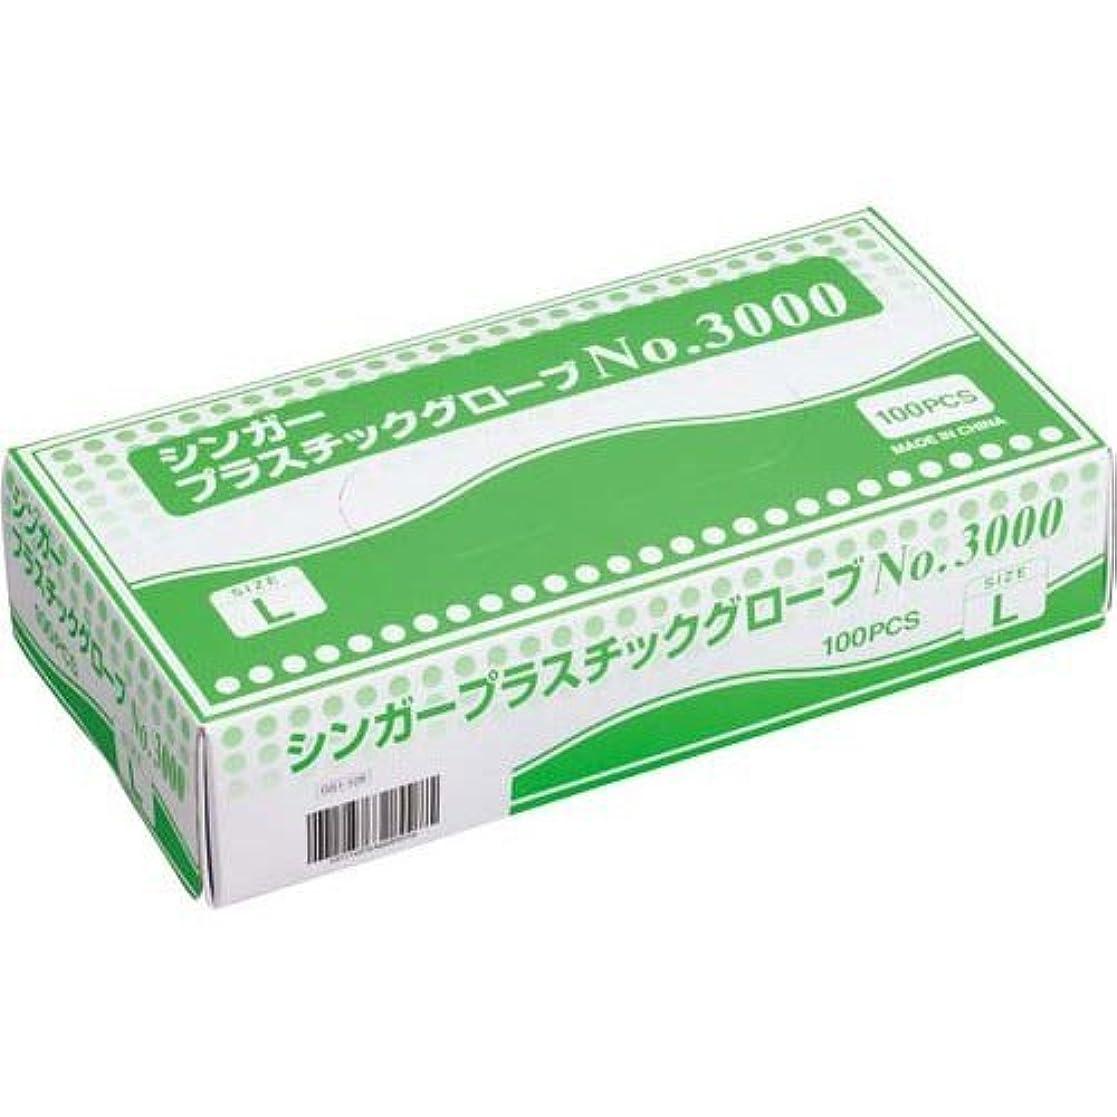 プラスチックグローブNO.3000 L